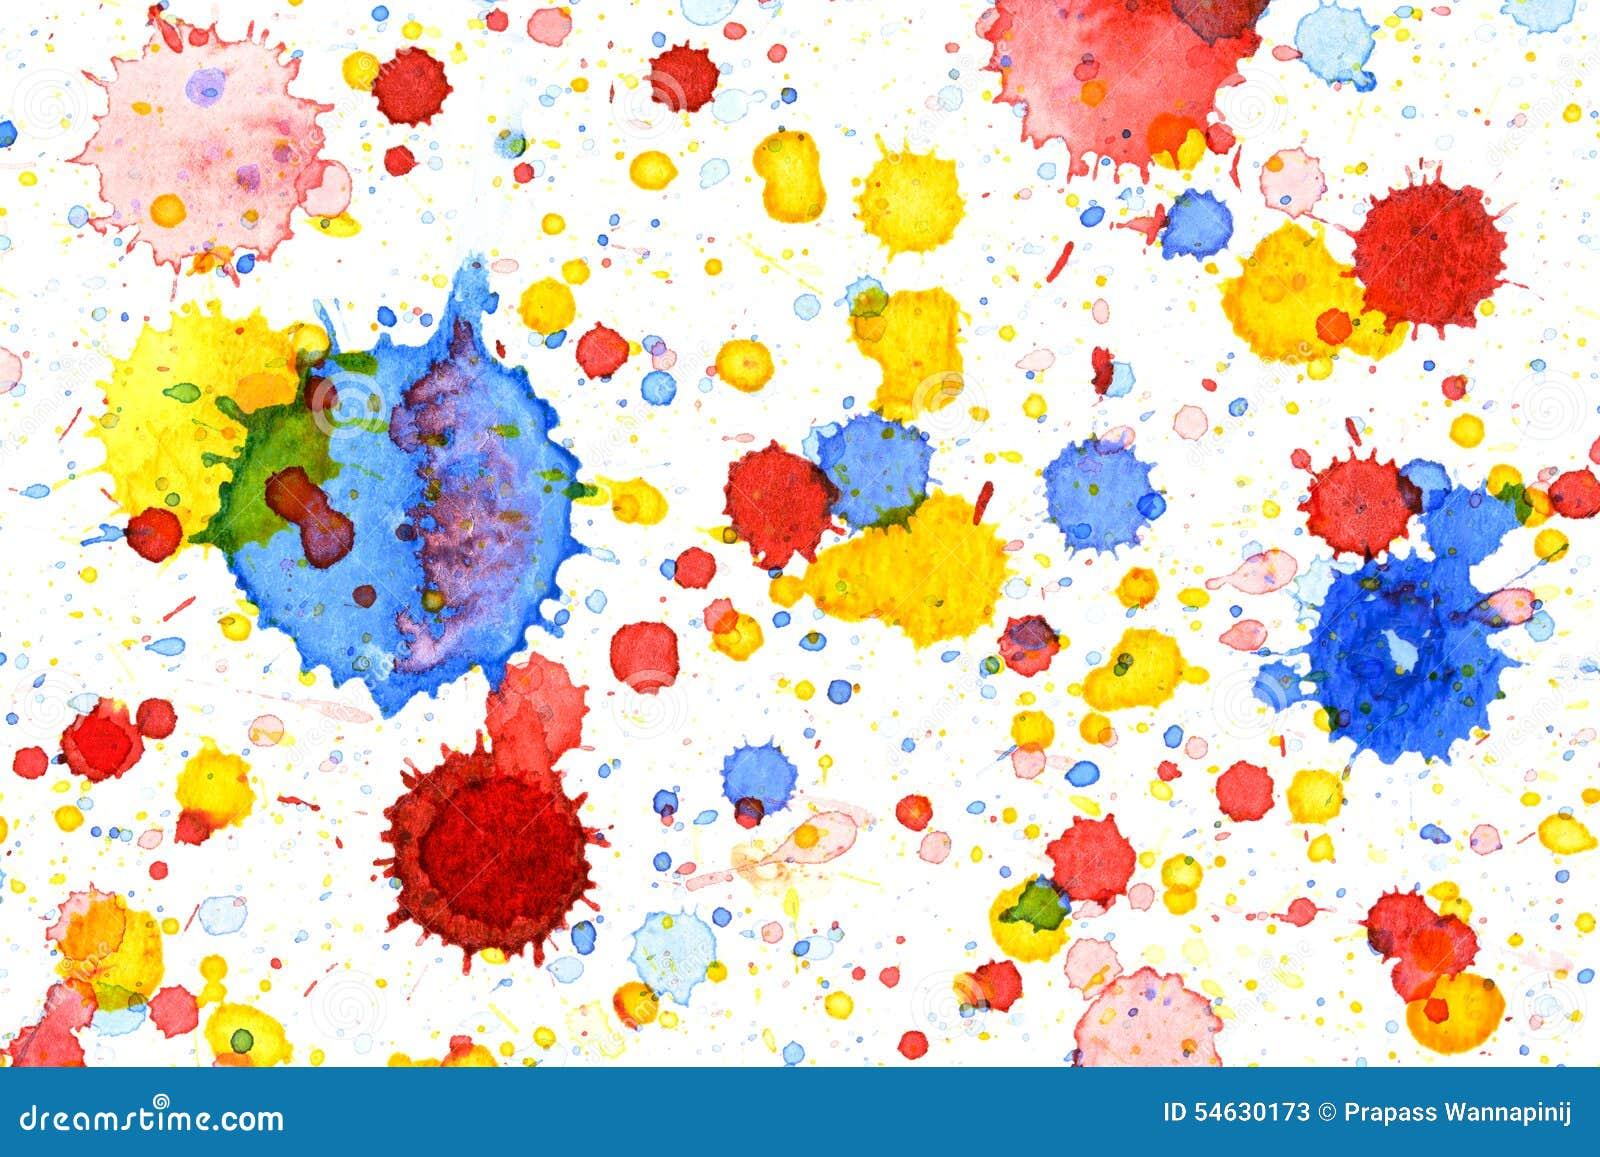 colorful water color splash background illustration 54630173 megapixl